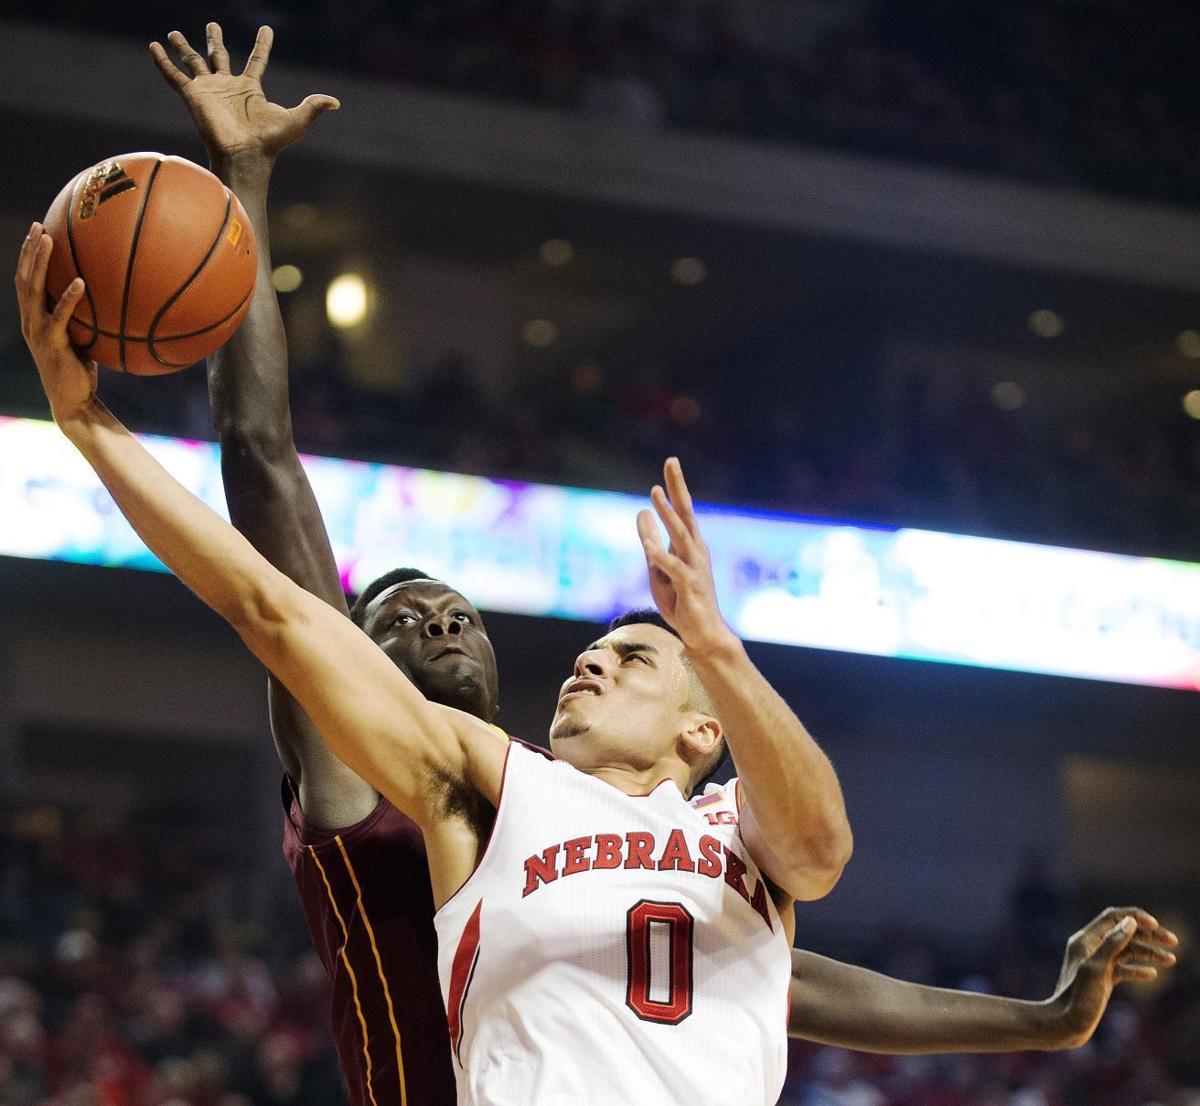 Minnesota vs. Nebraska, 1.12.16